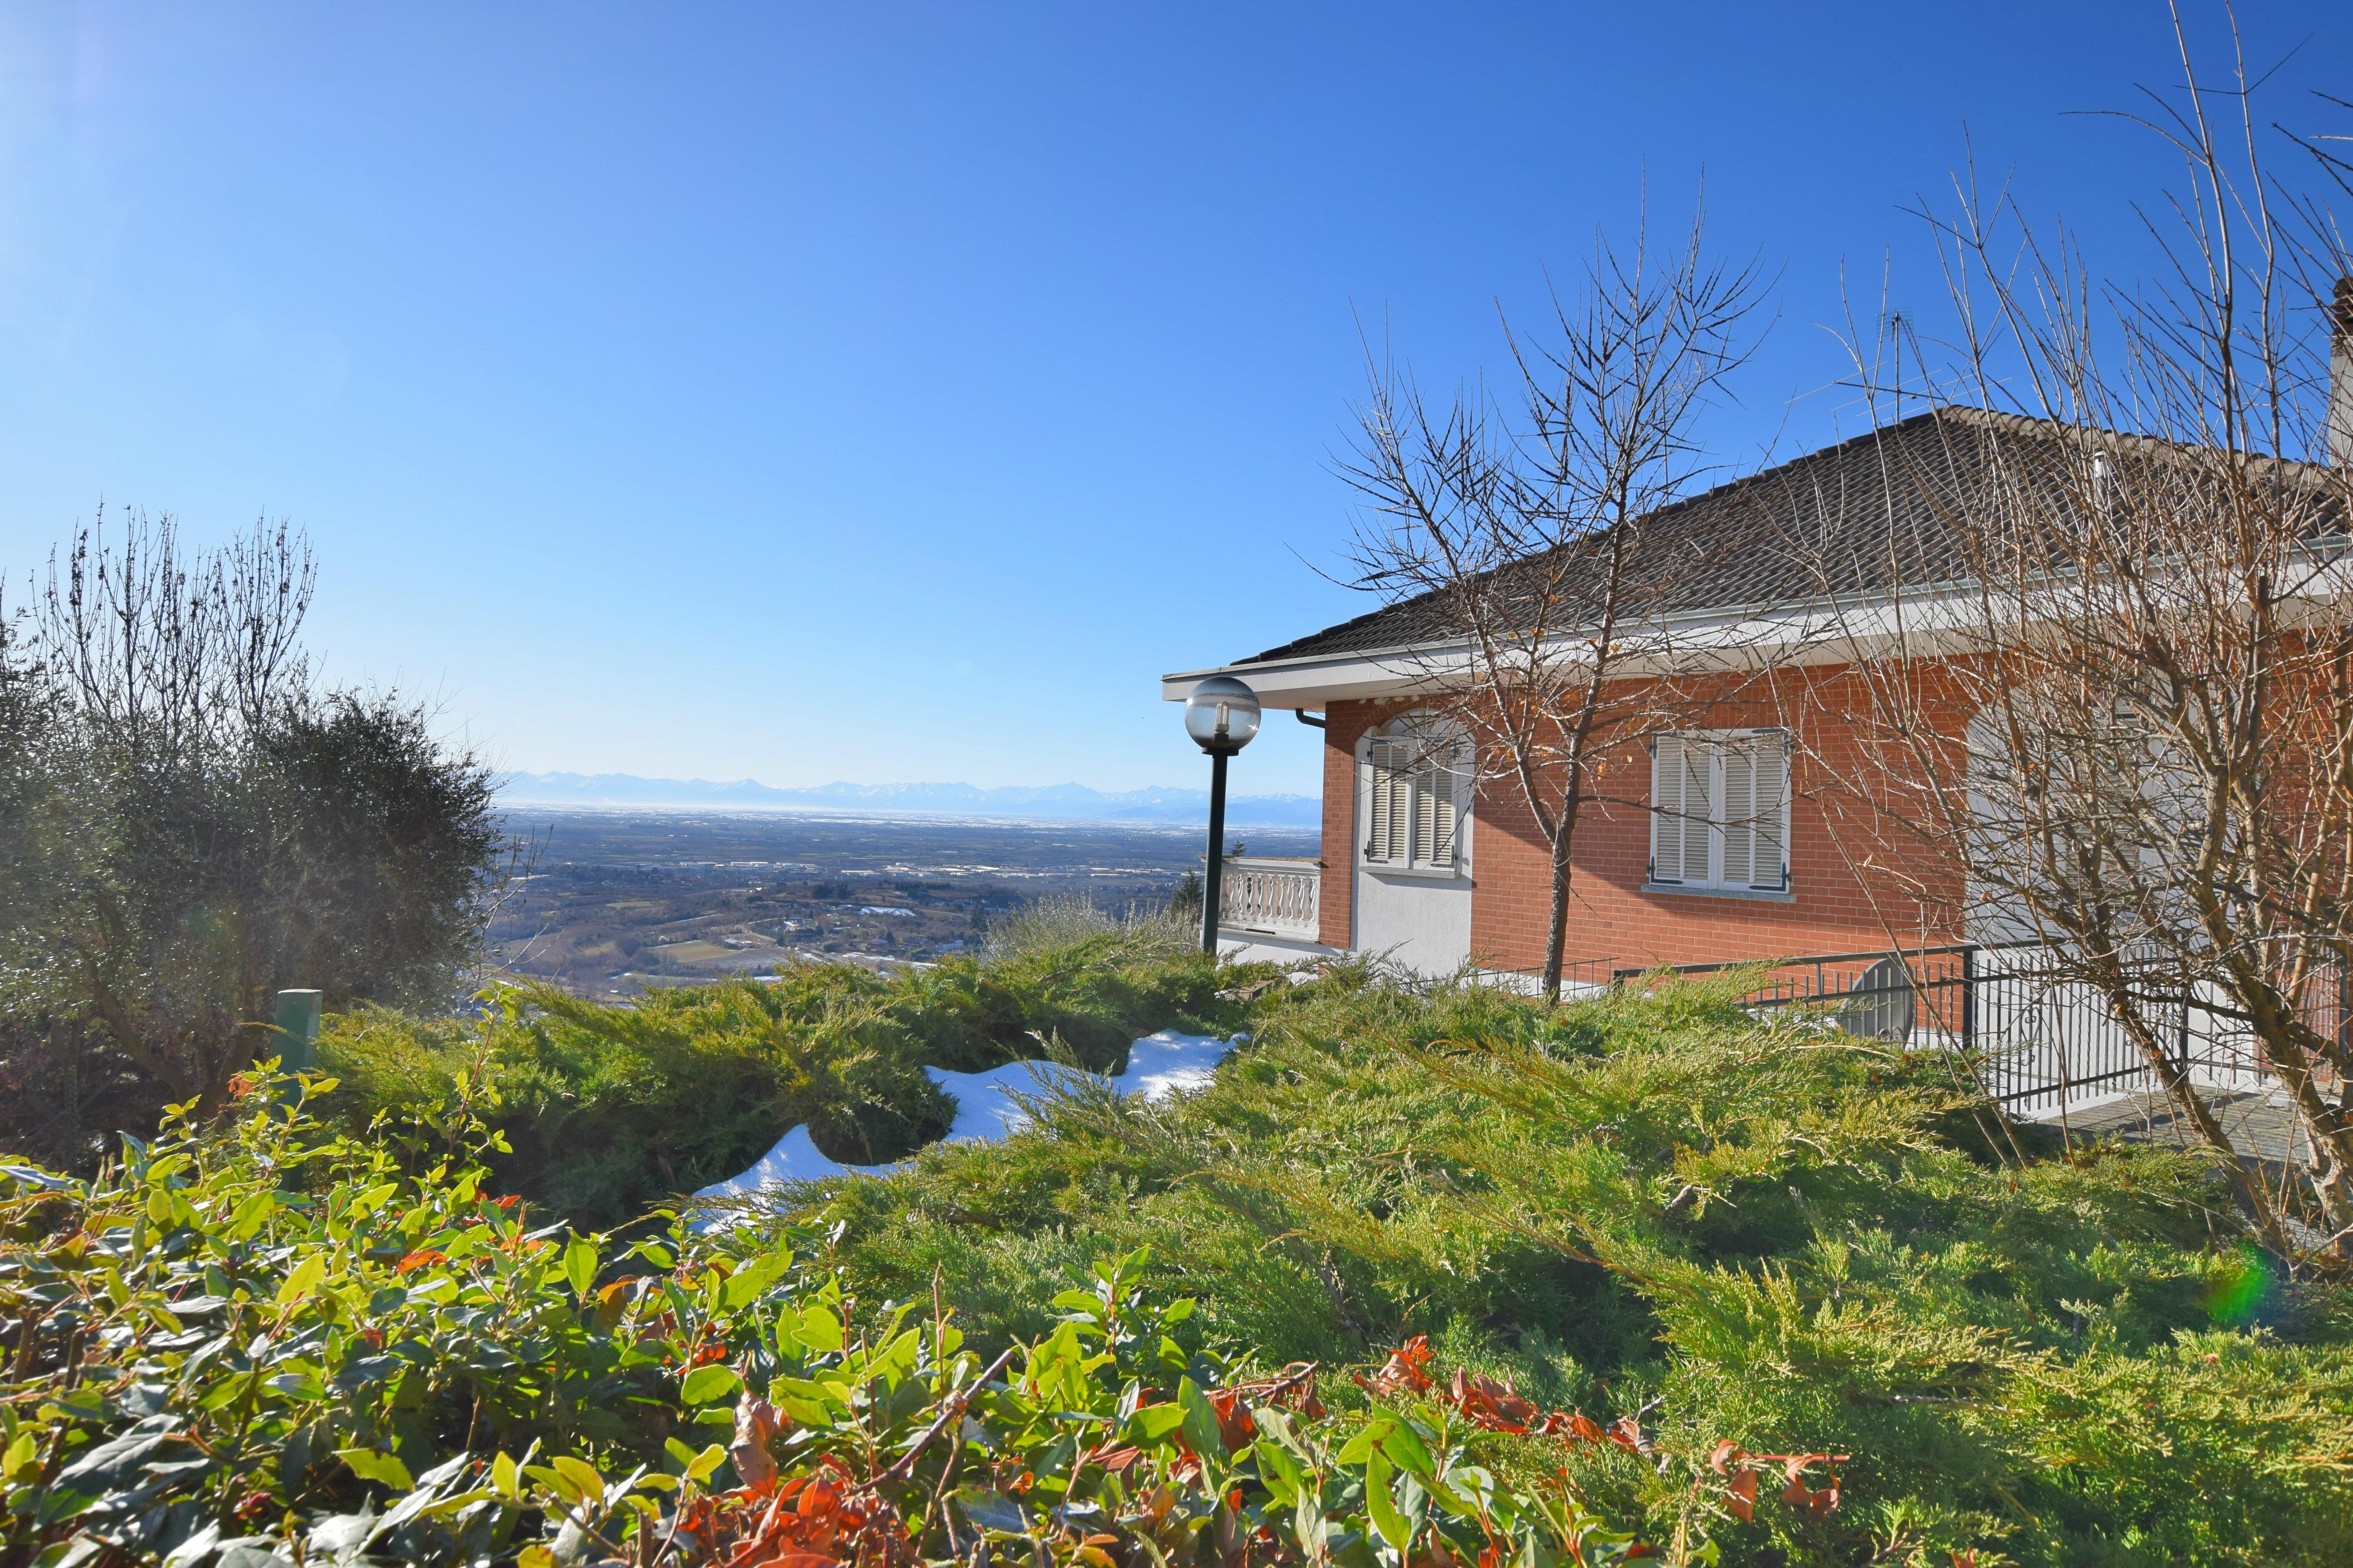 Comune Di Pecetto Torinese villa in vendita a pecetto torinese cod. nuo v000267